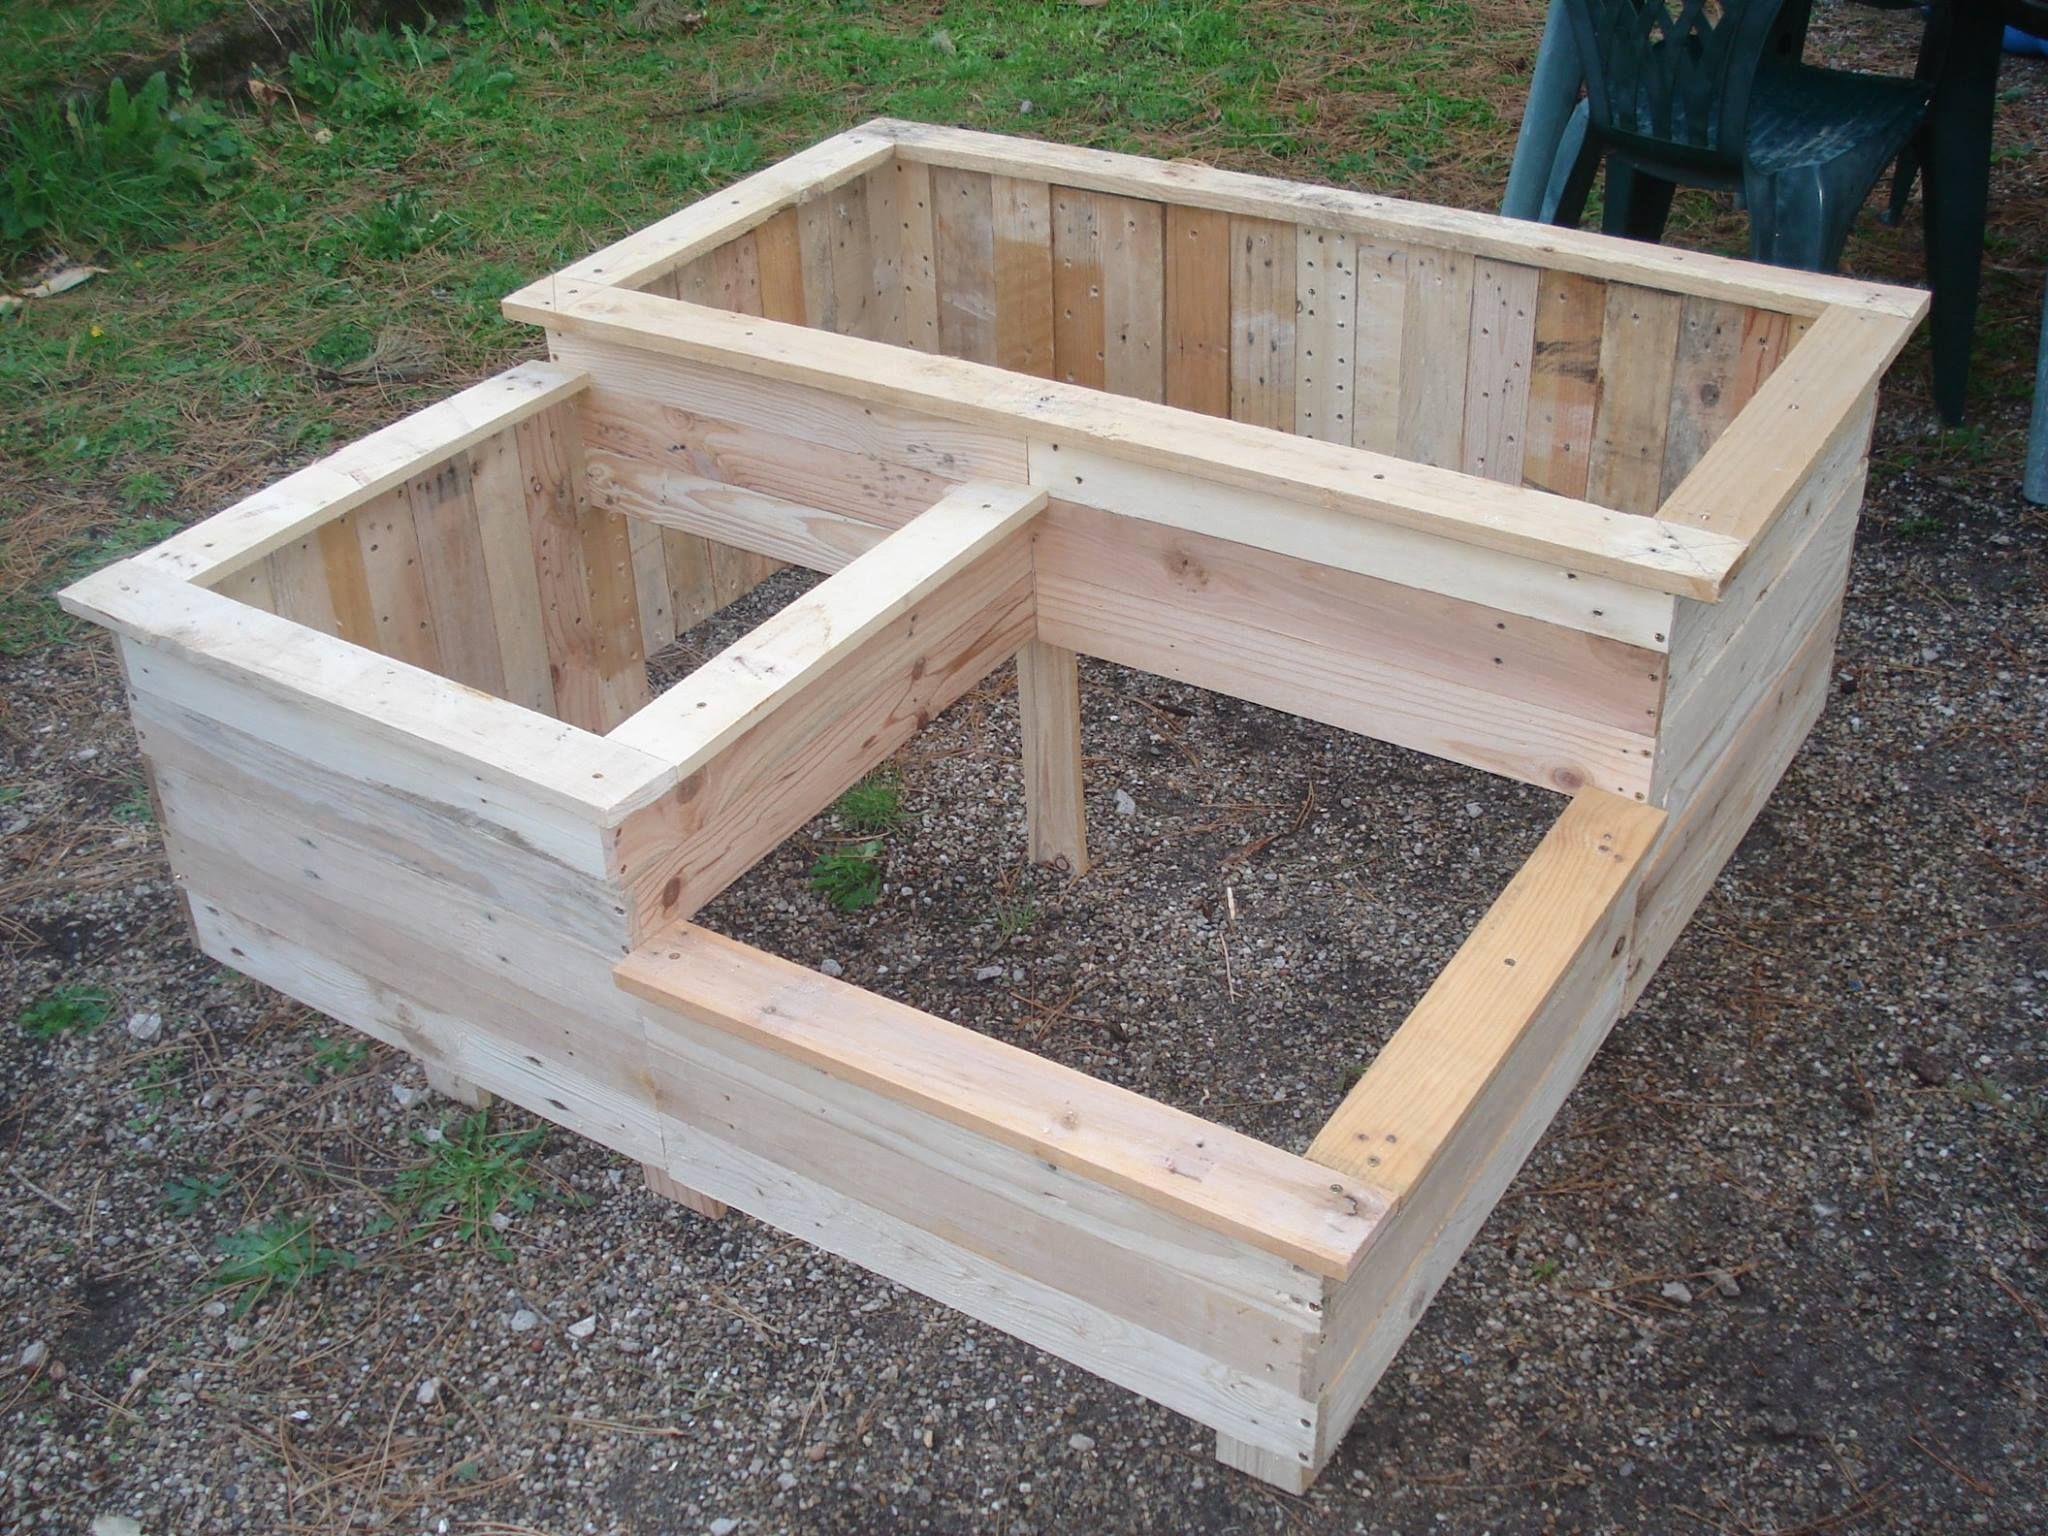 Fabriquer Potager Carré En Bois carré potager en bois de palette / pallet raised bed | carré